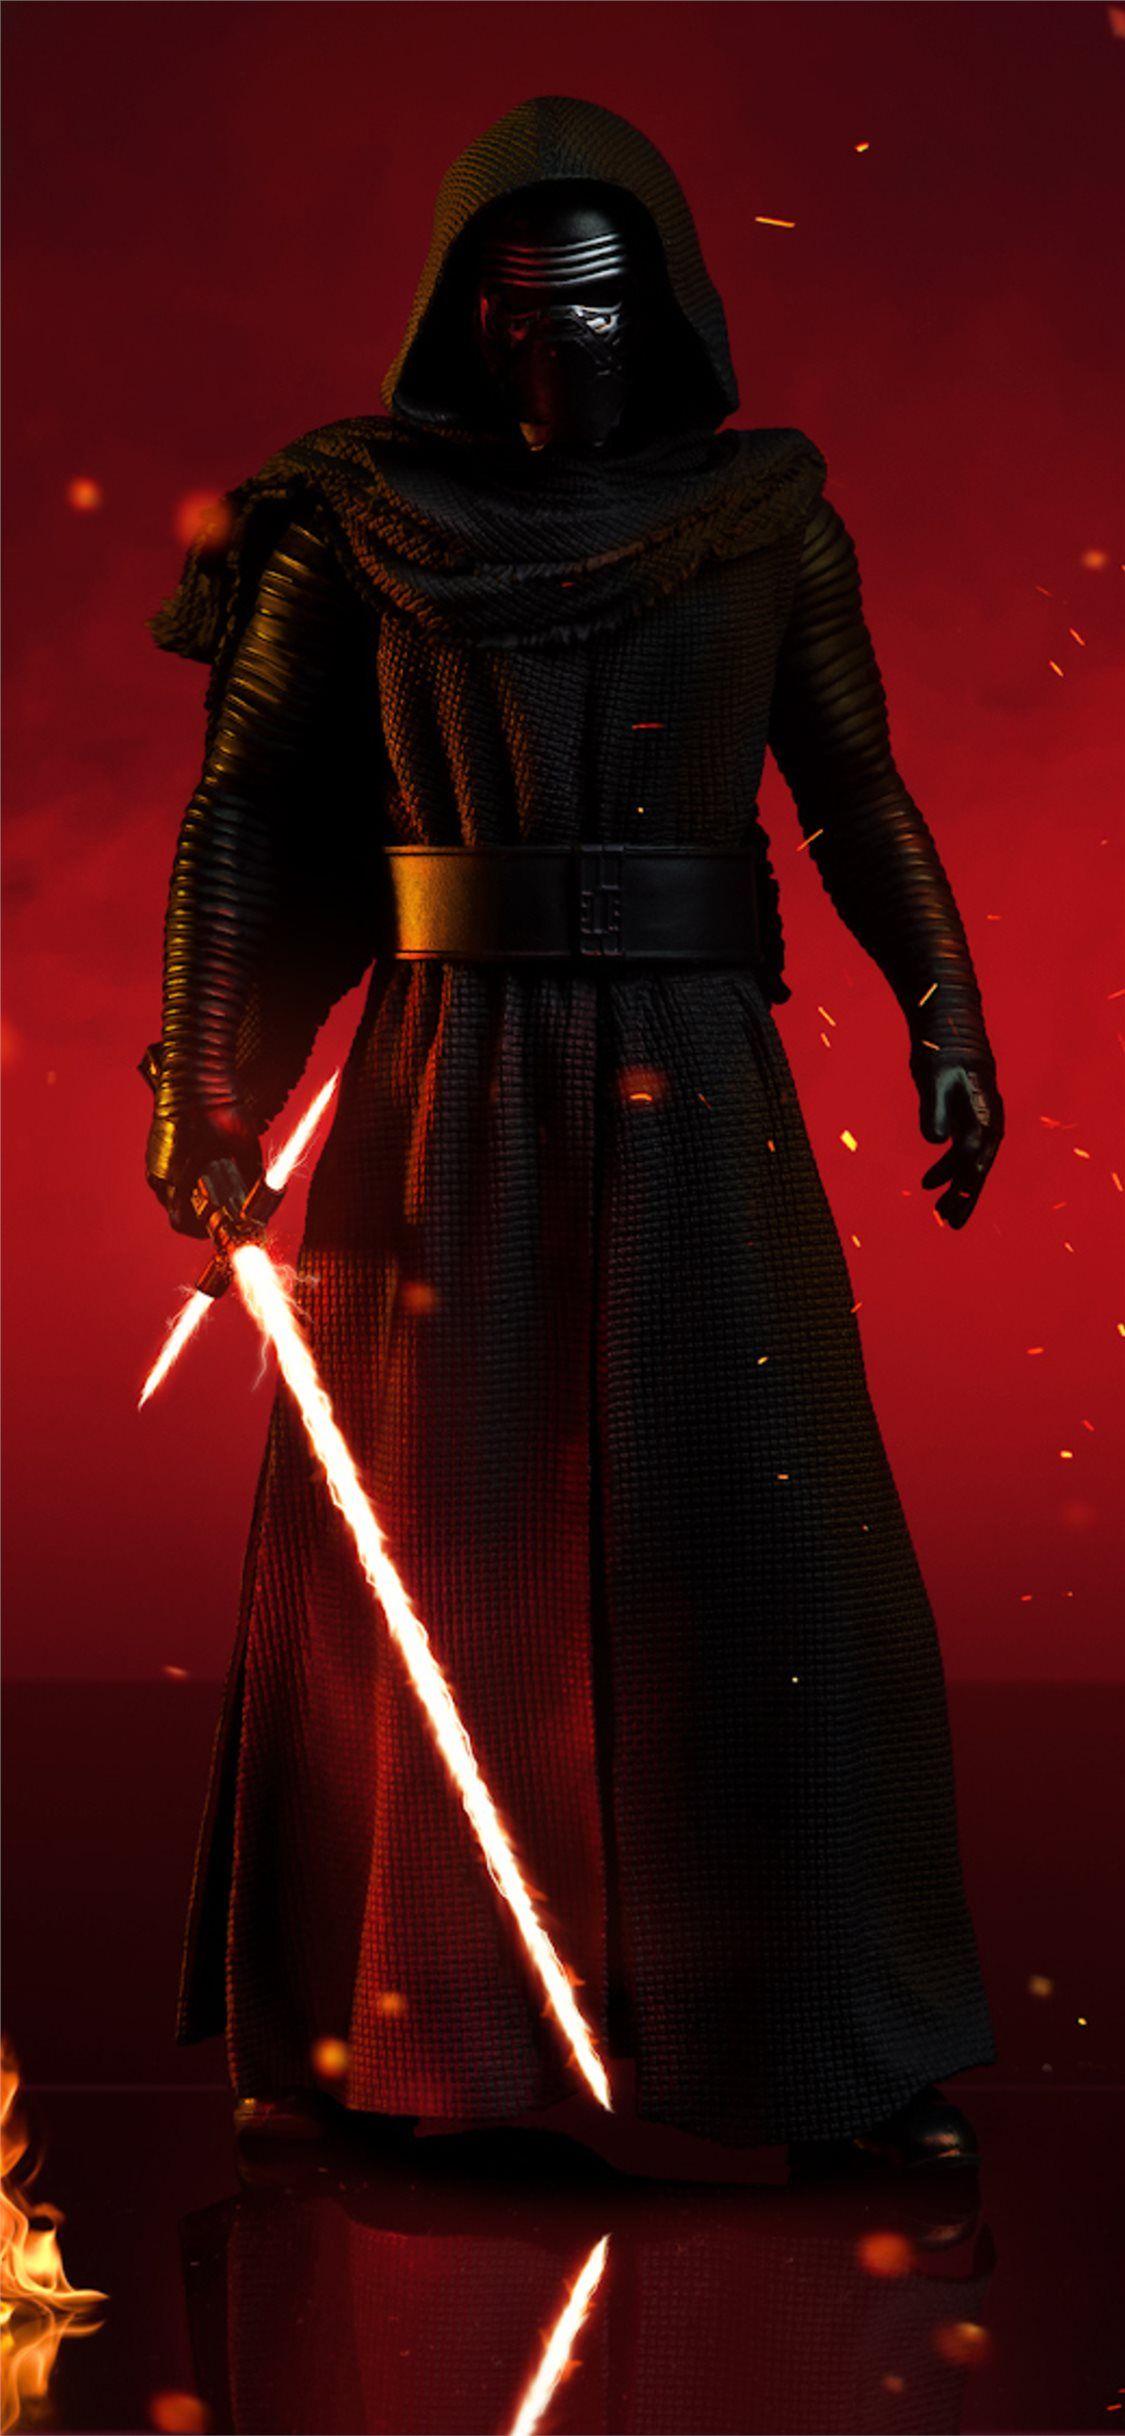 Cgi Kylo Ren In 2020 Star Wars Images Star Wars Background Star Wars Pictures